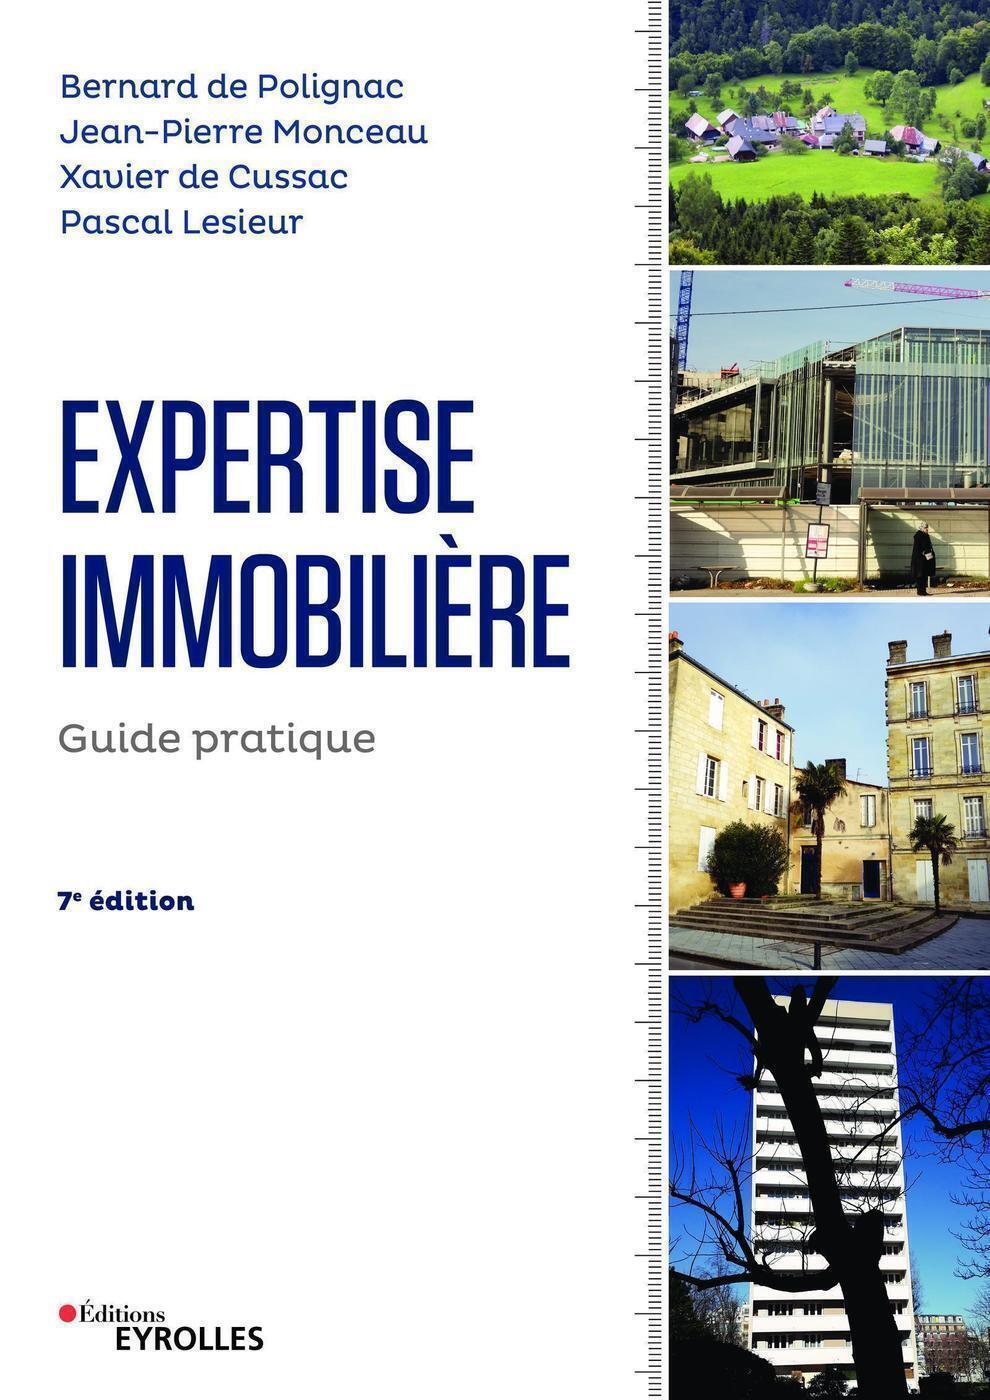 d2590924a89 Expertise immobilière - J.-P.Monceau